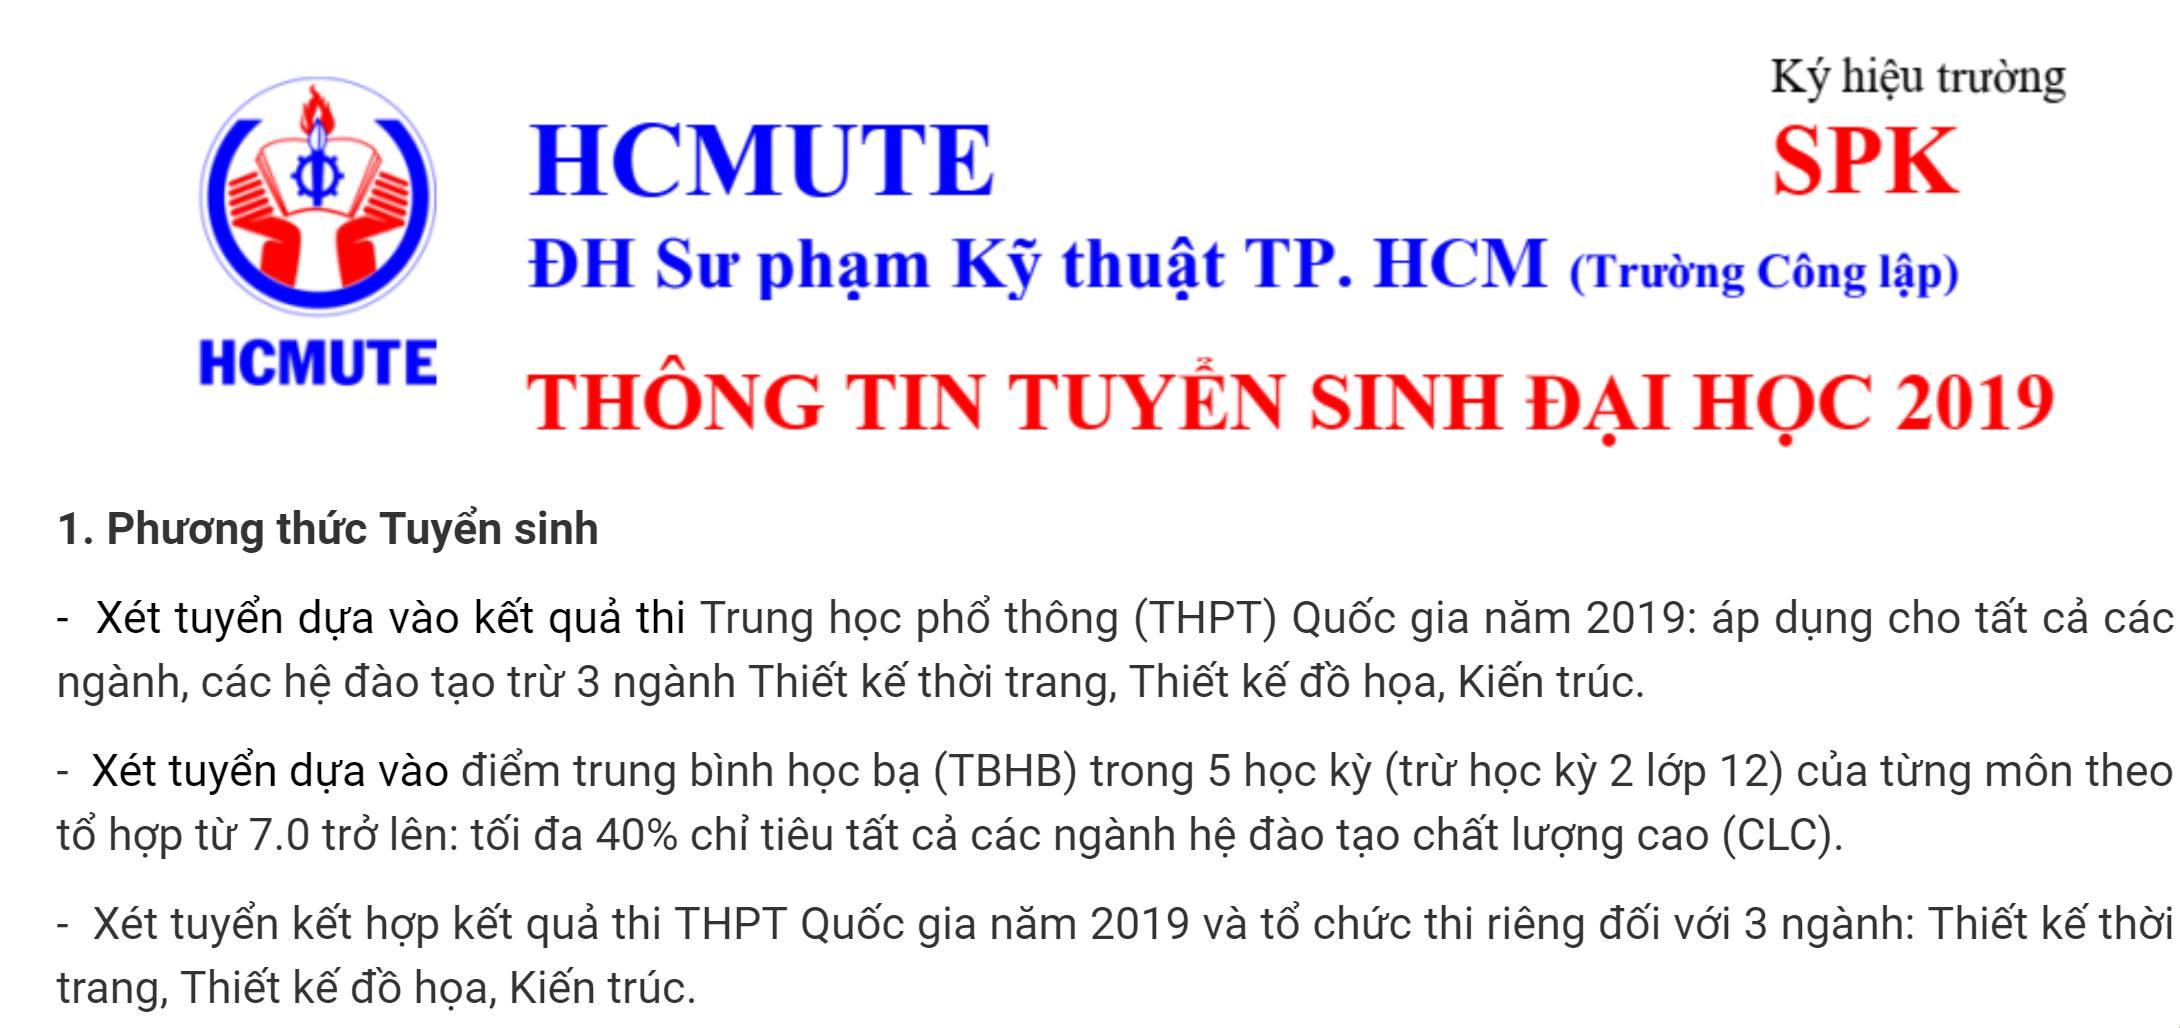 1. Phương thức Tuyển sinh |ĐH SPKT Tuyển sinh 2019.